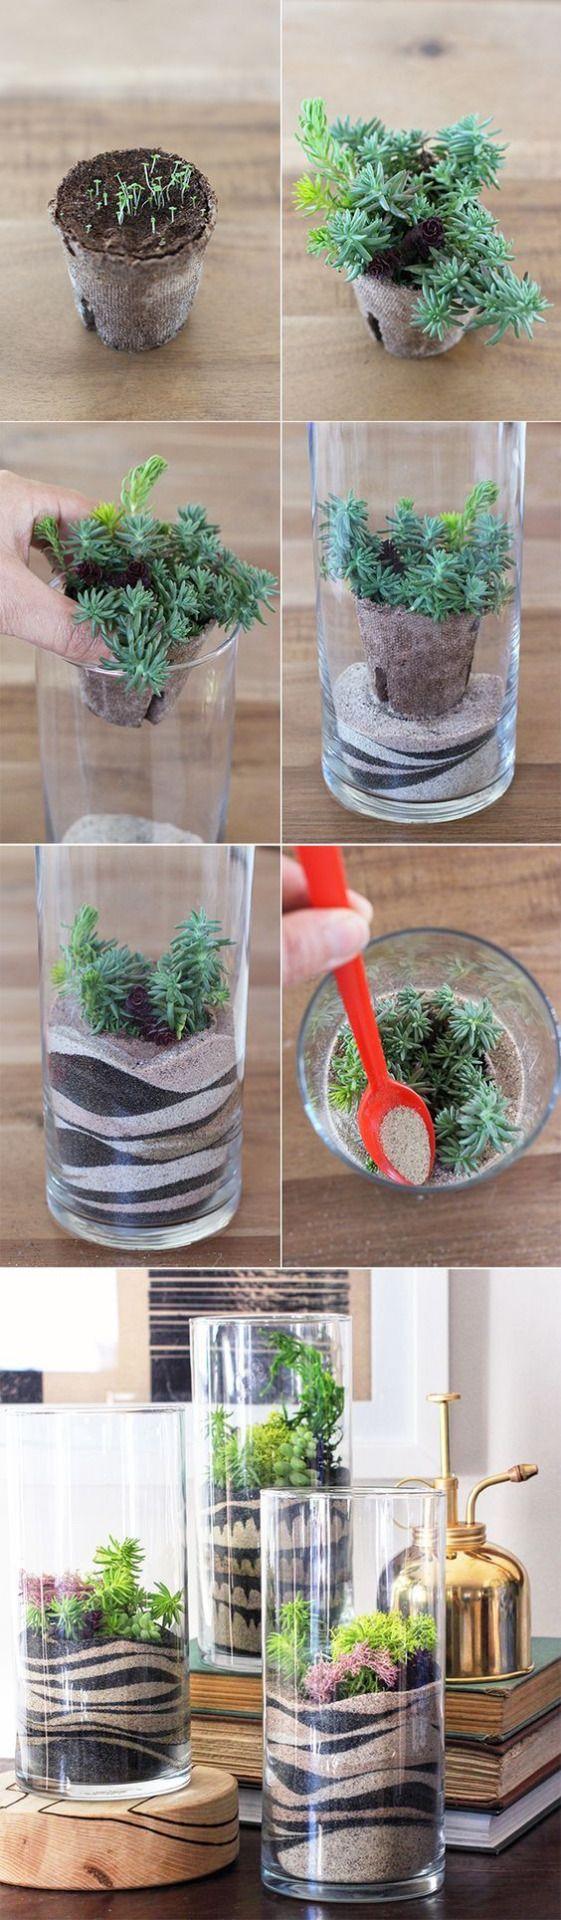 #砂 #sand-art #観葉植物 #多肉植物 (Via: 25 Indoor Succulent DIY Project Ideas  ) おぉ..これは美しい。 砂がご入用の際は、K砂をどうぞ。